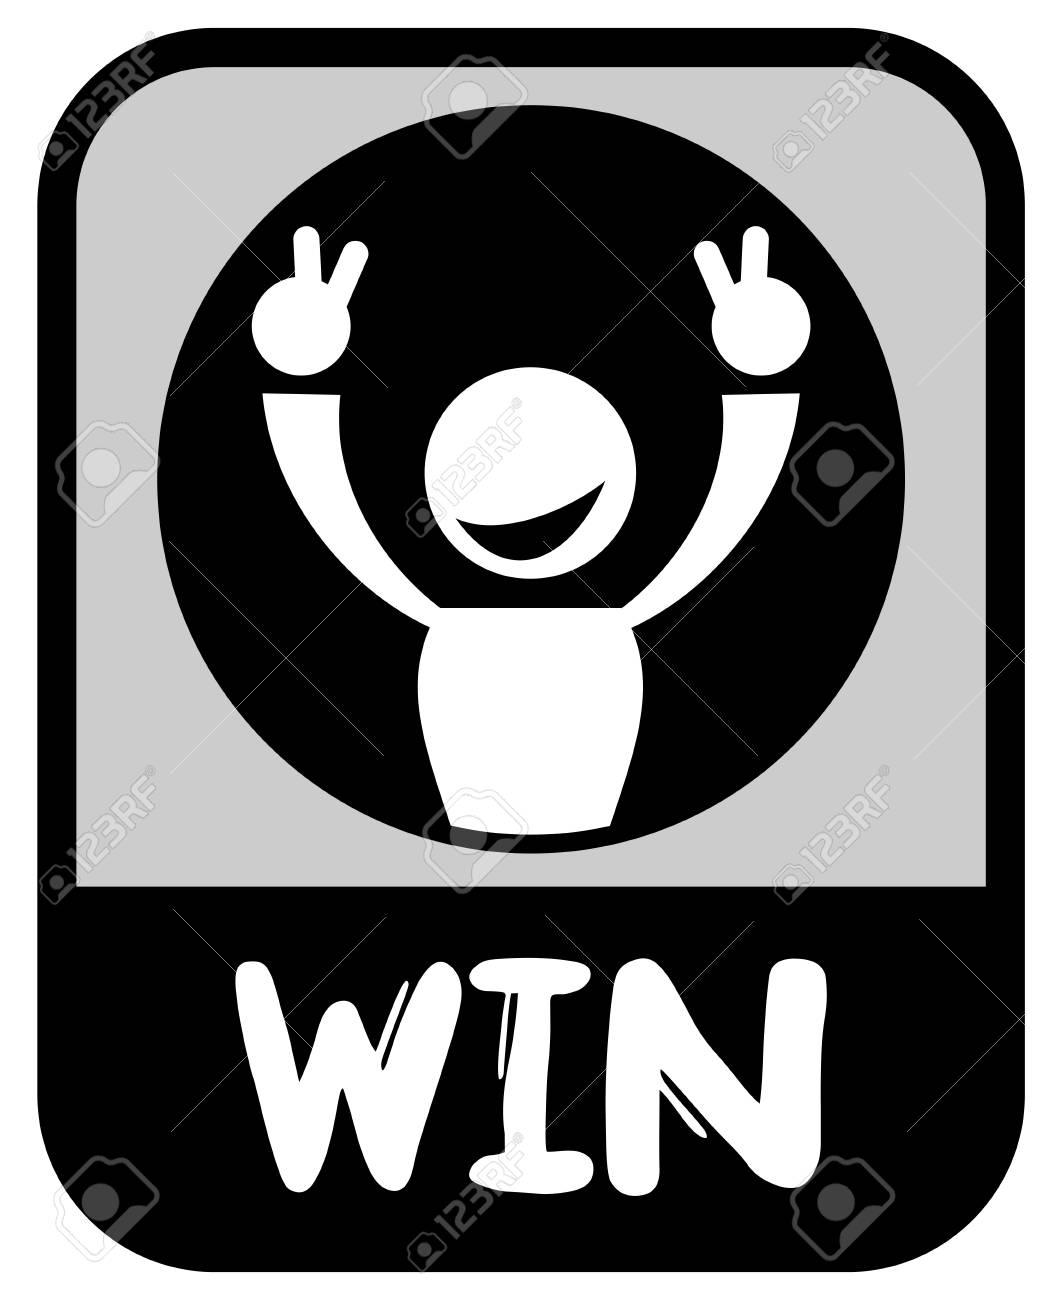 Win emblem Stock Vector - 16718273